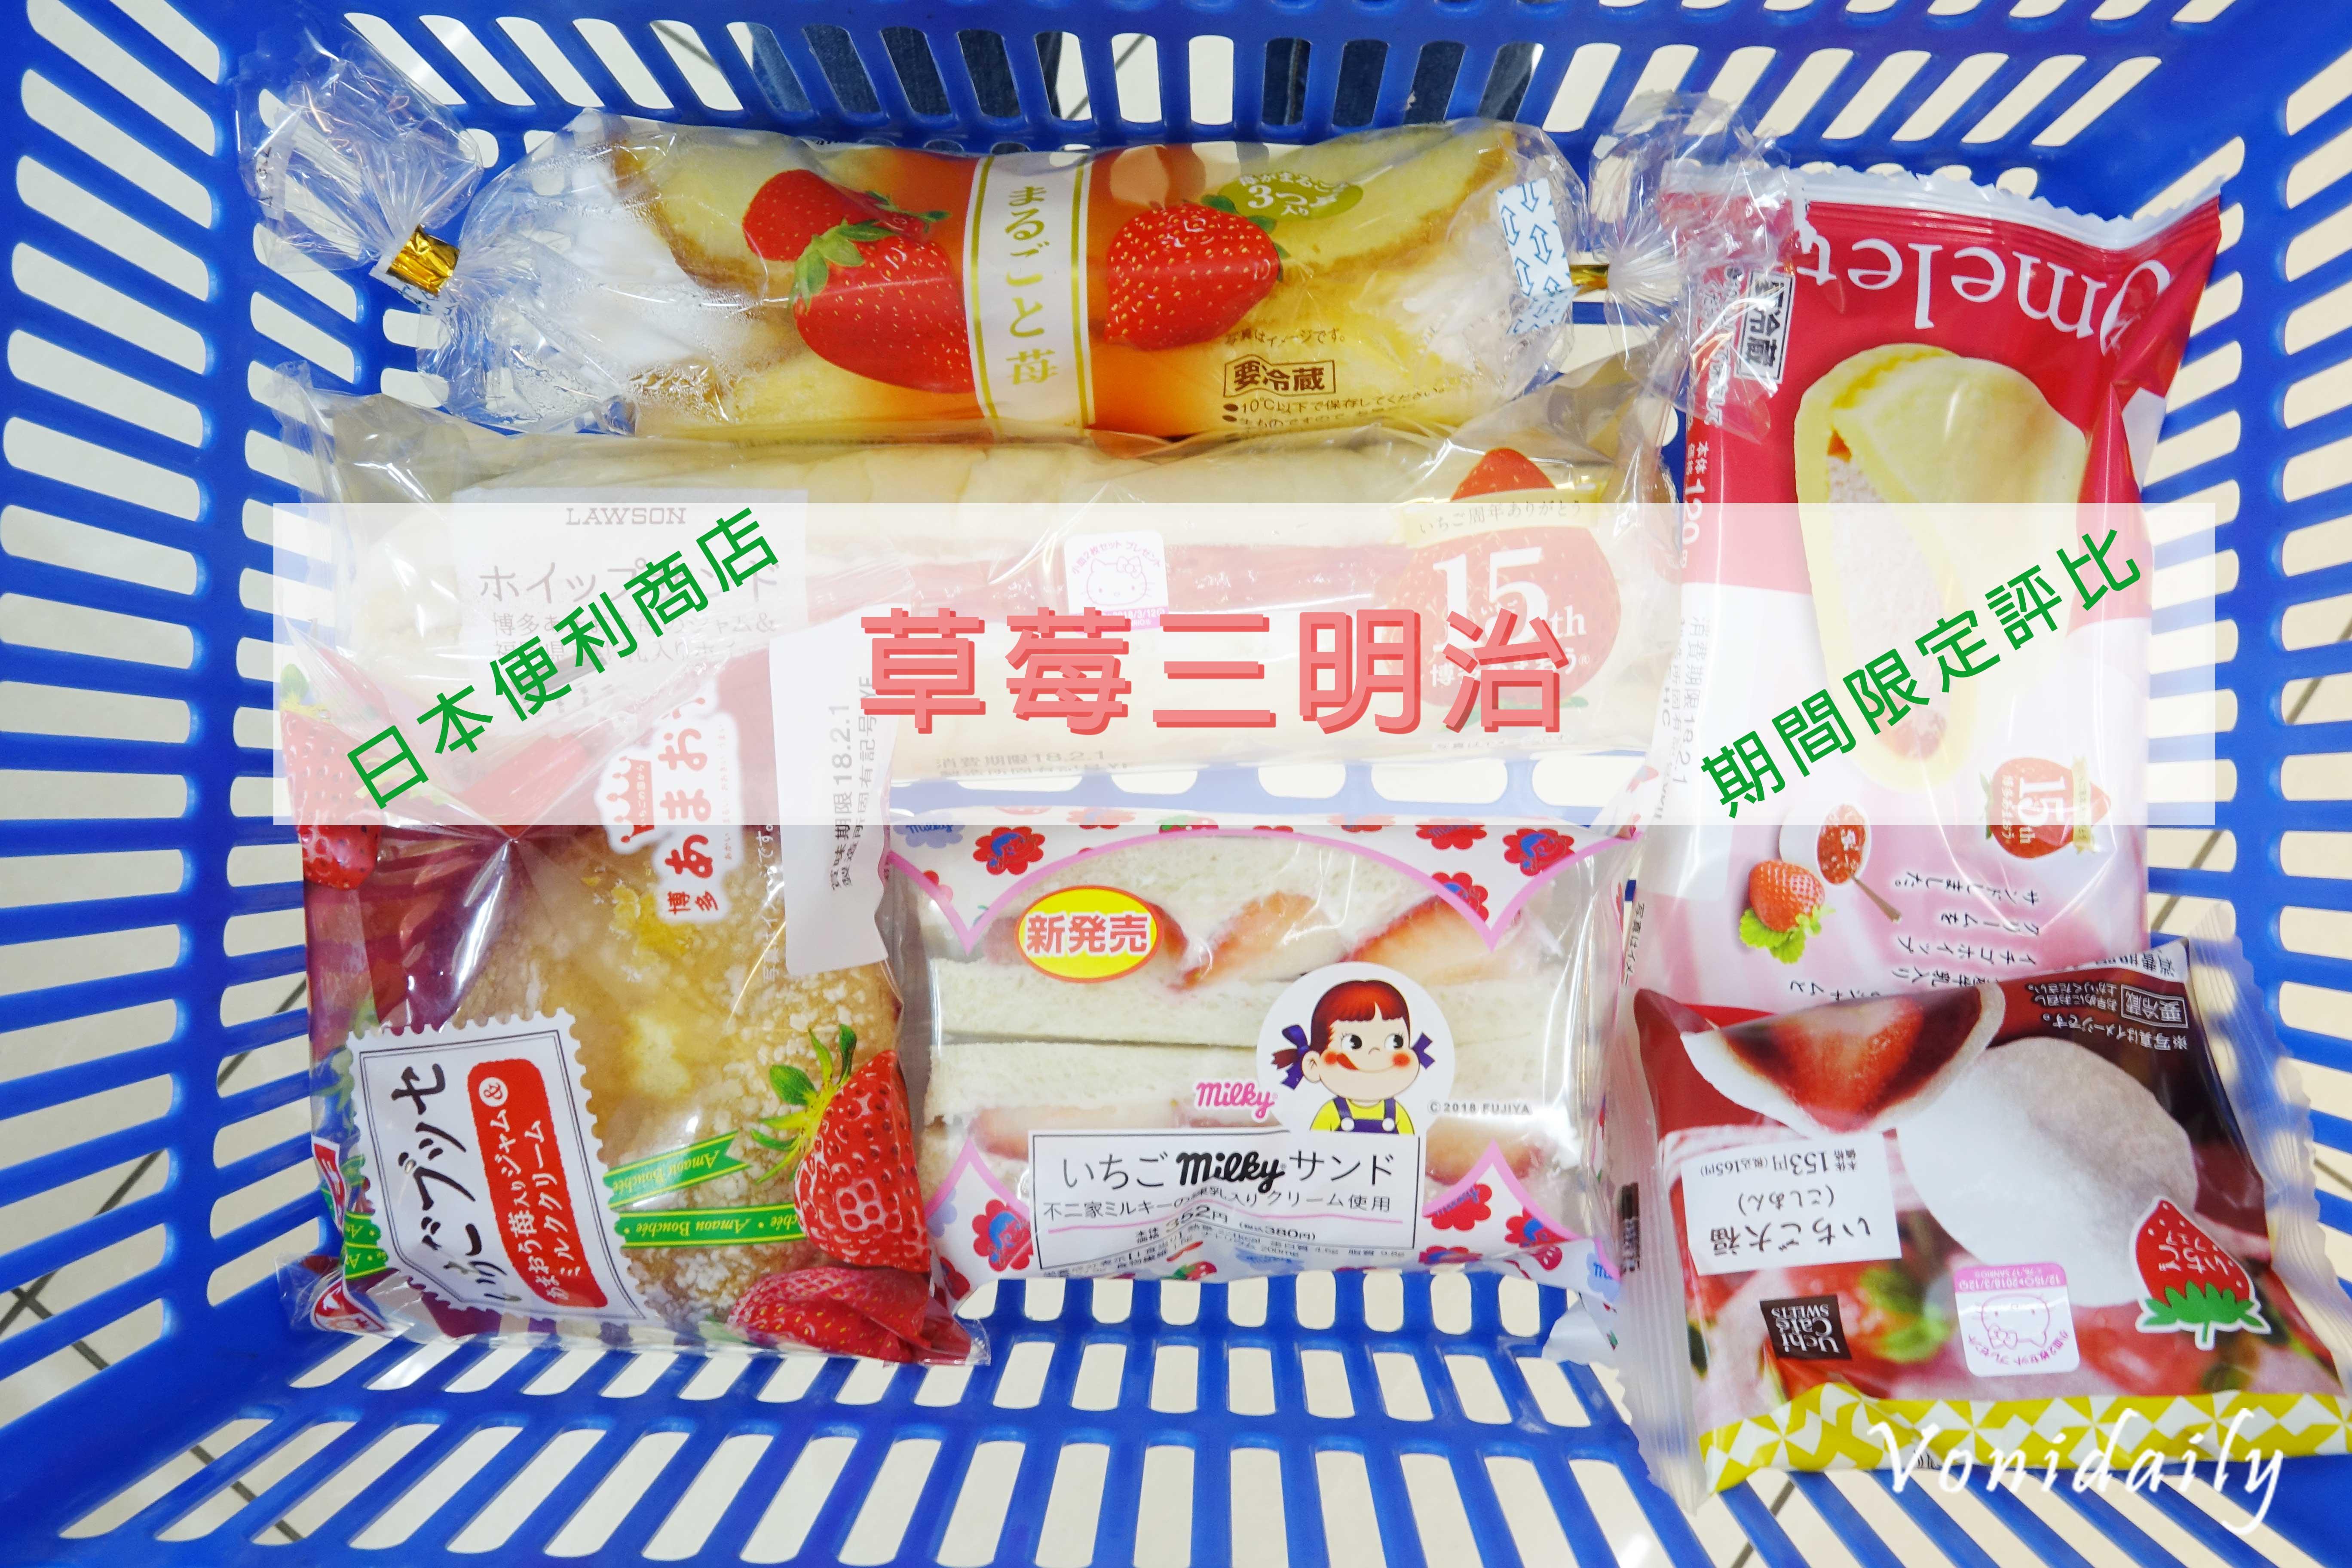 日本便利商店草莓三明治好吃嗎? 全家FAMILY MART、7-11、LAWSON 期間限定開箱啦!